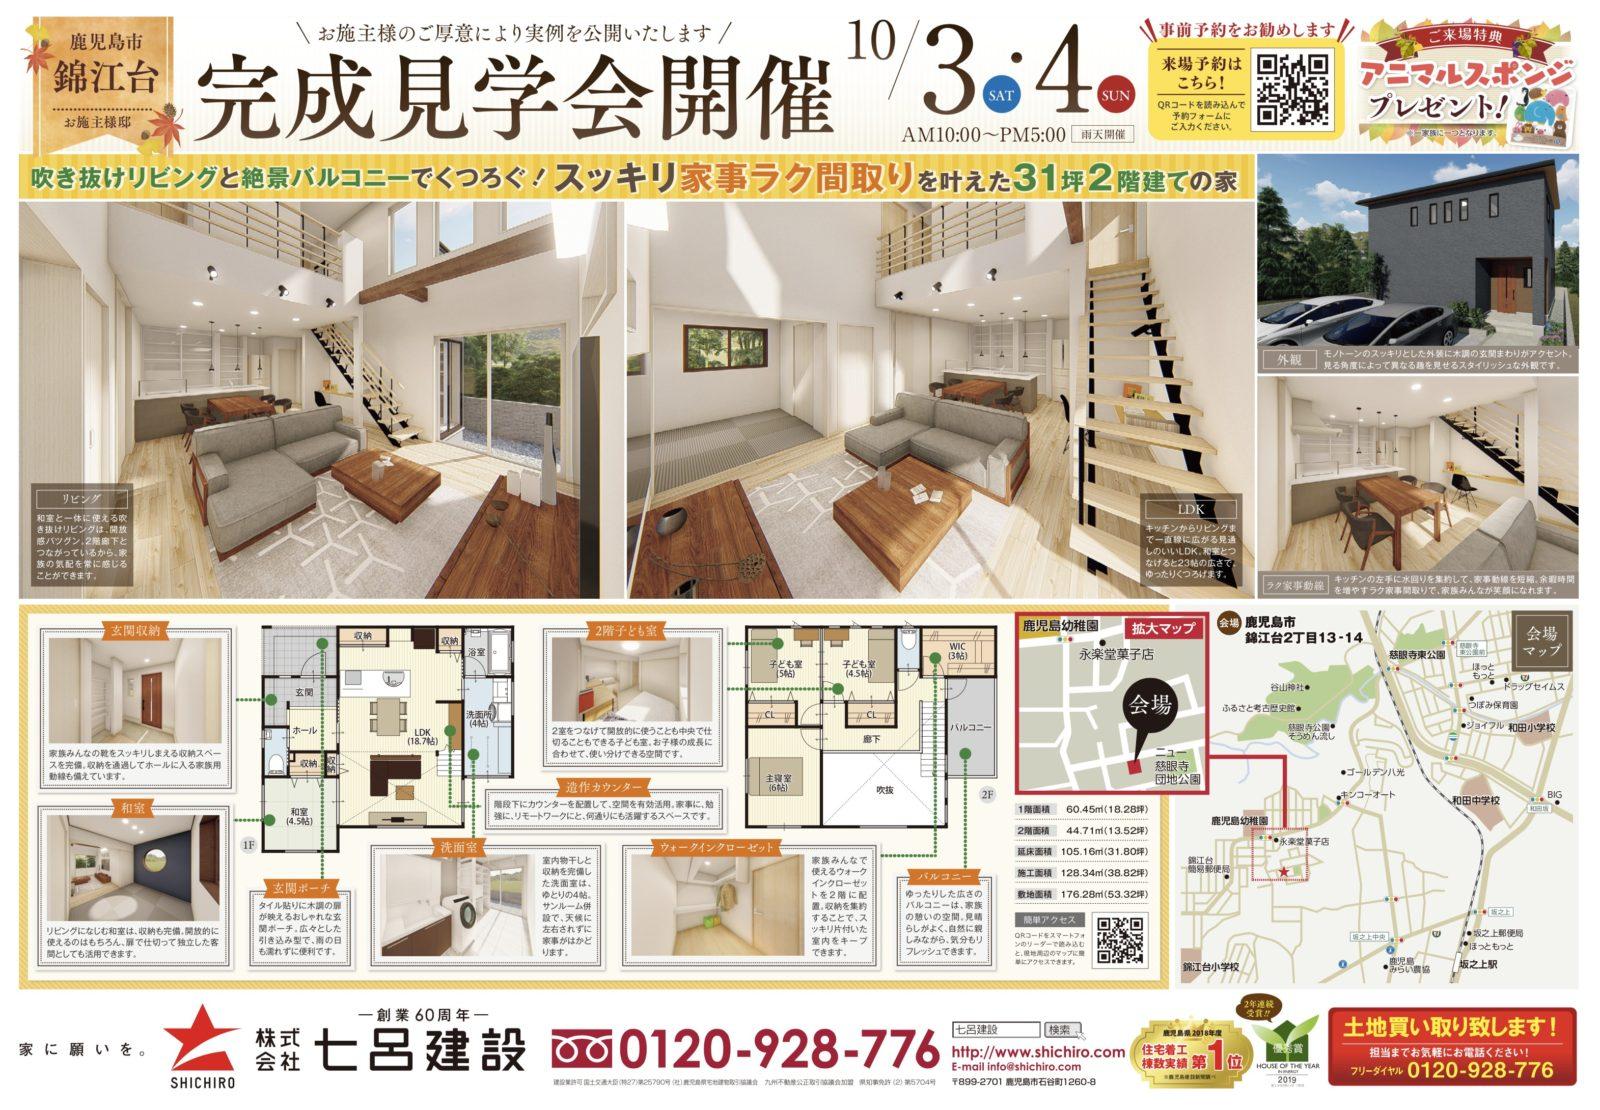 鹿児島市錦江台で完成見学会 スッキリ家事ラク間取りを叶えた31坪2階建ての家